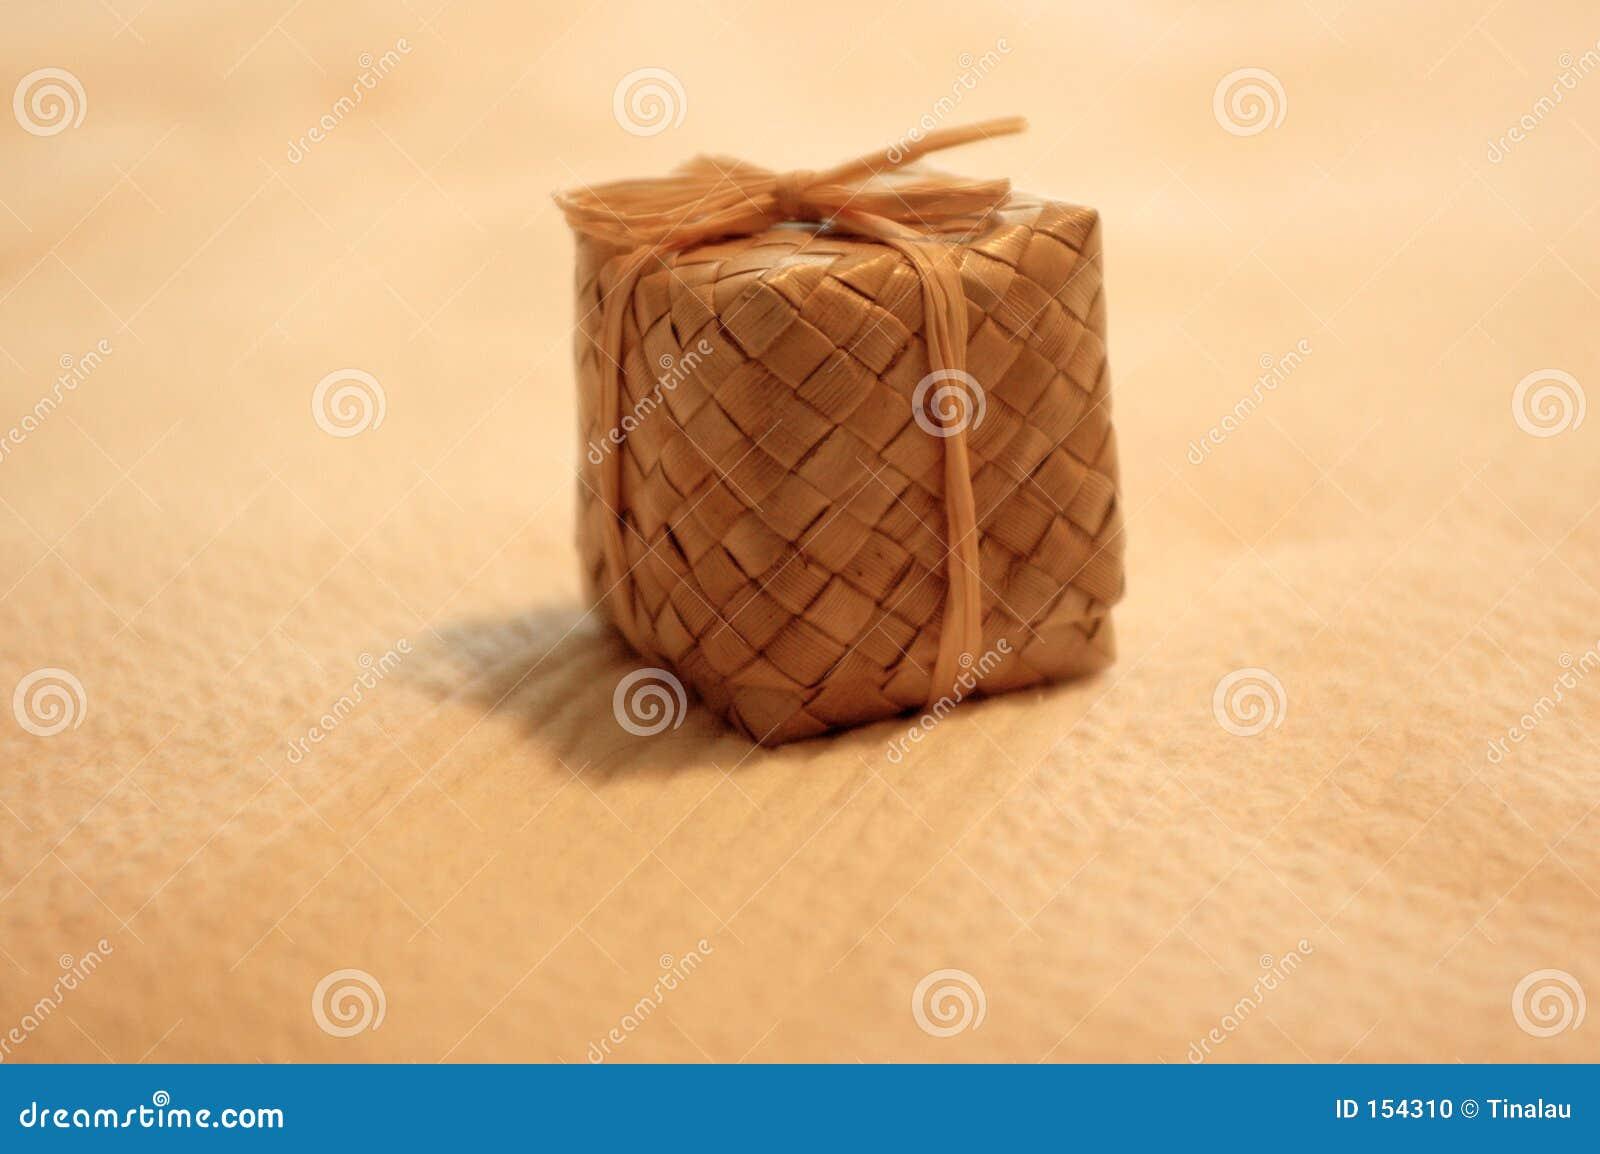 Hawaiian Gift Box